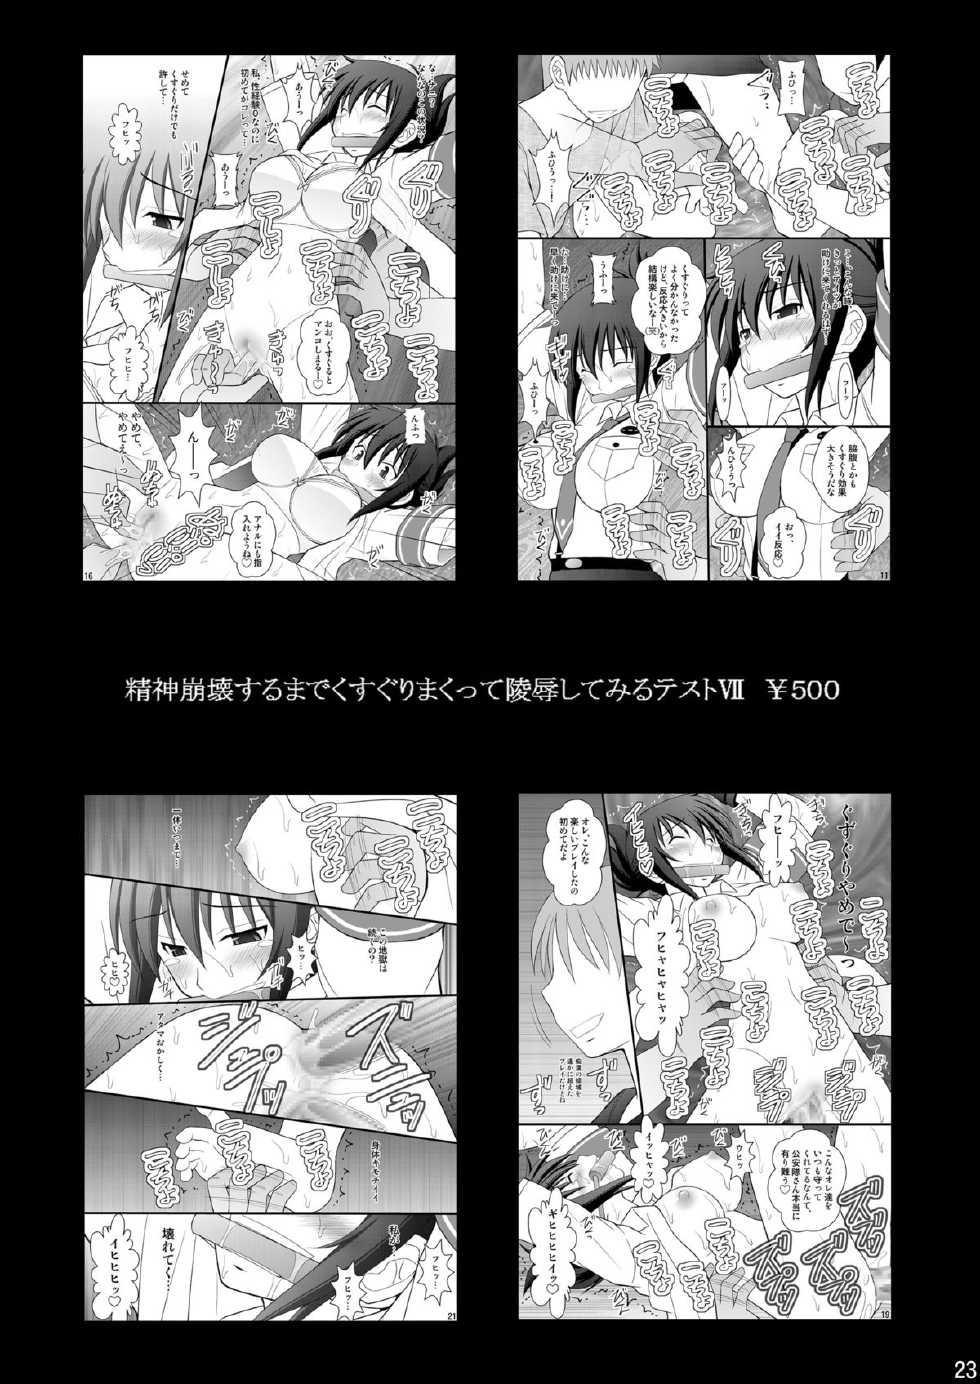 Seishinhoukai Surumade Kusugurimakutte Ryoujoku Shitemiru Test VI & VIII 51